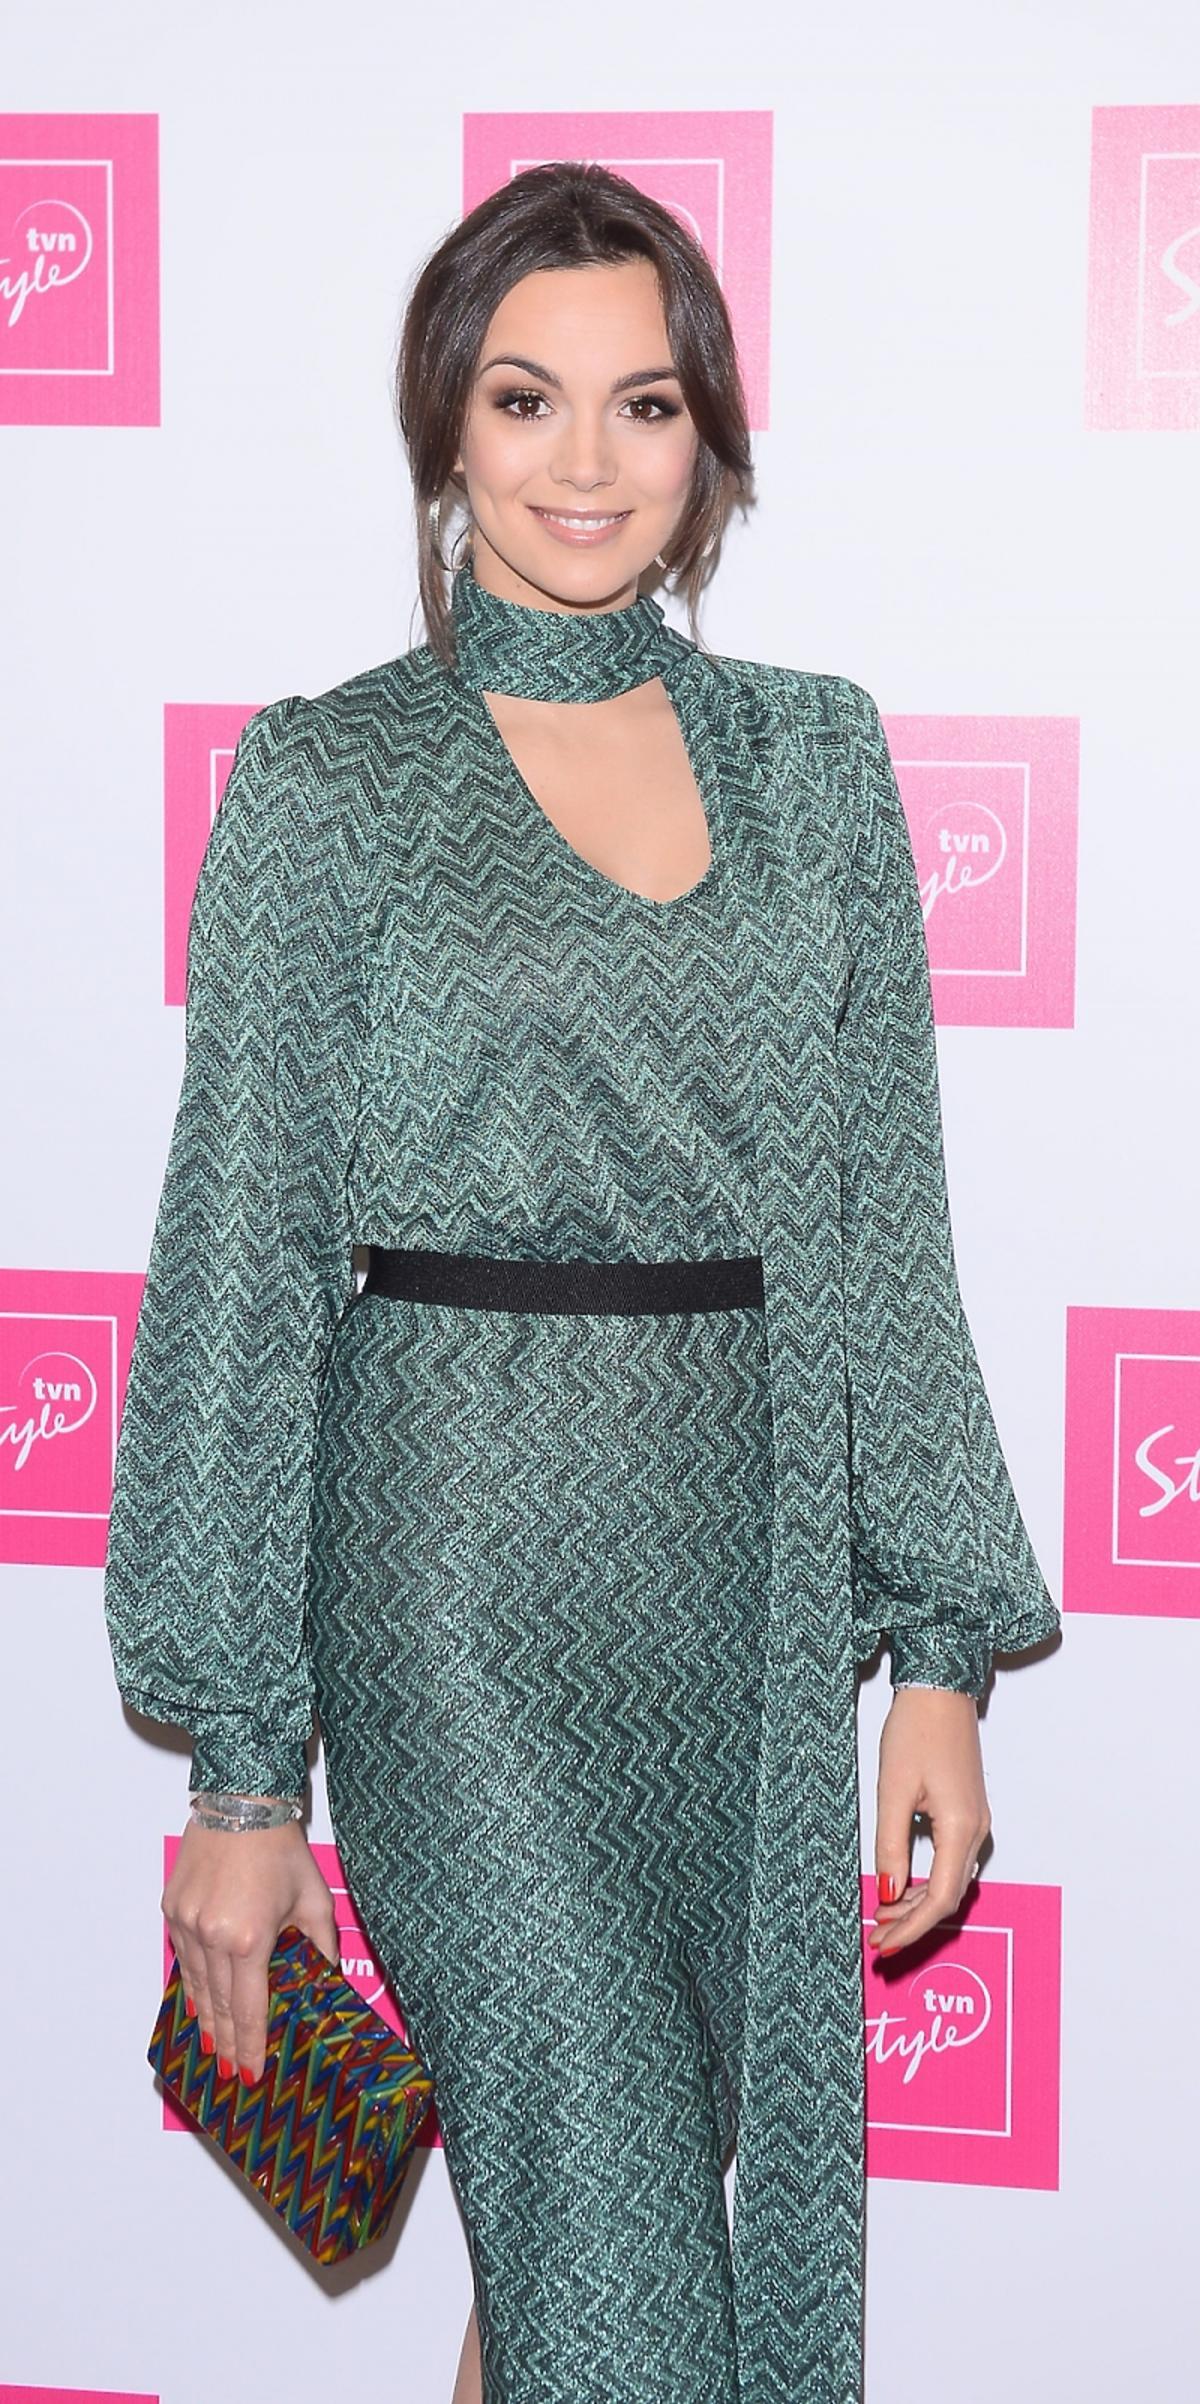 Paulina Krupińska w zielonej sukni we wzory z kolorową małą torebką